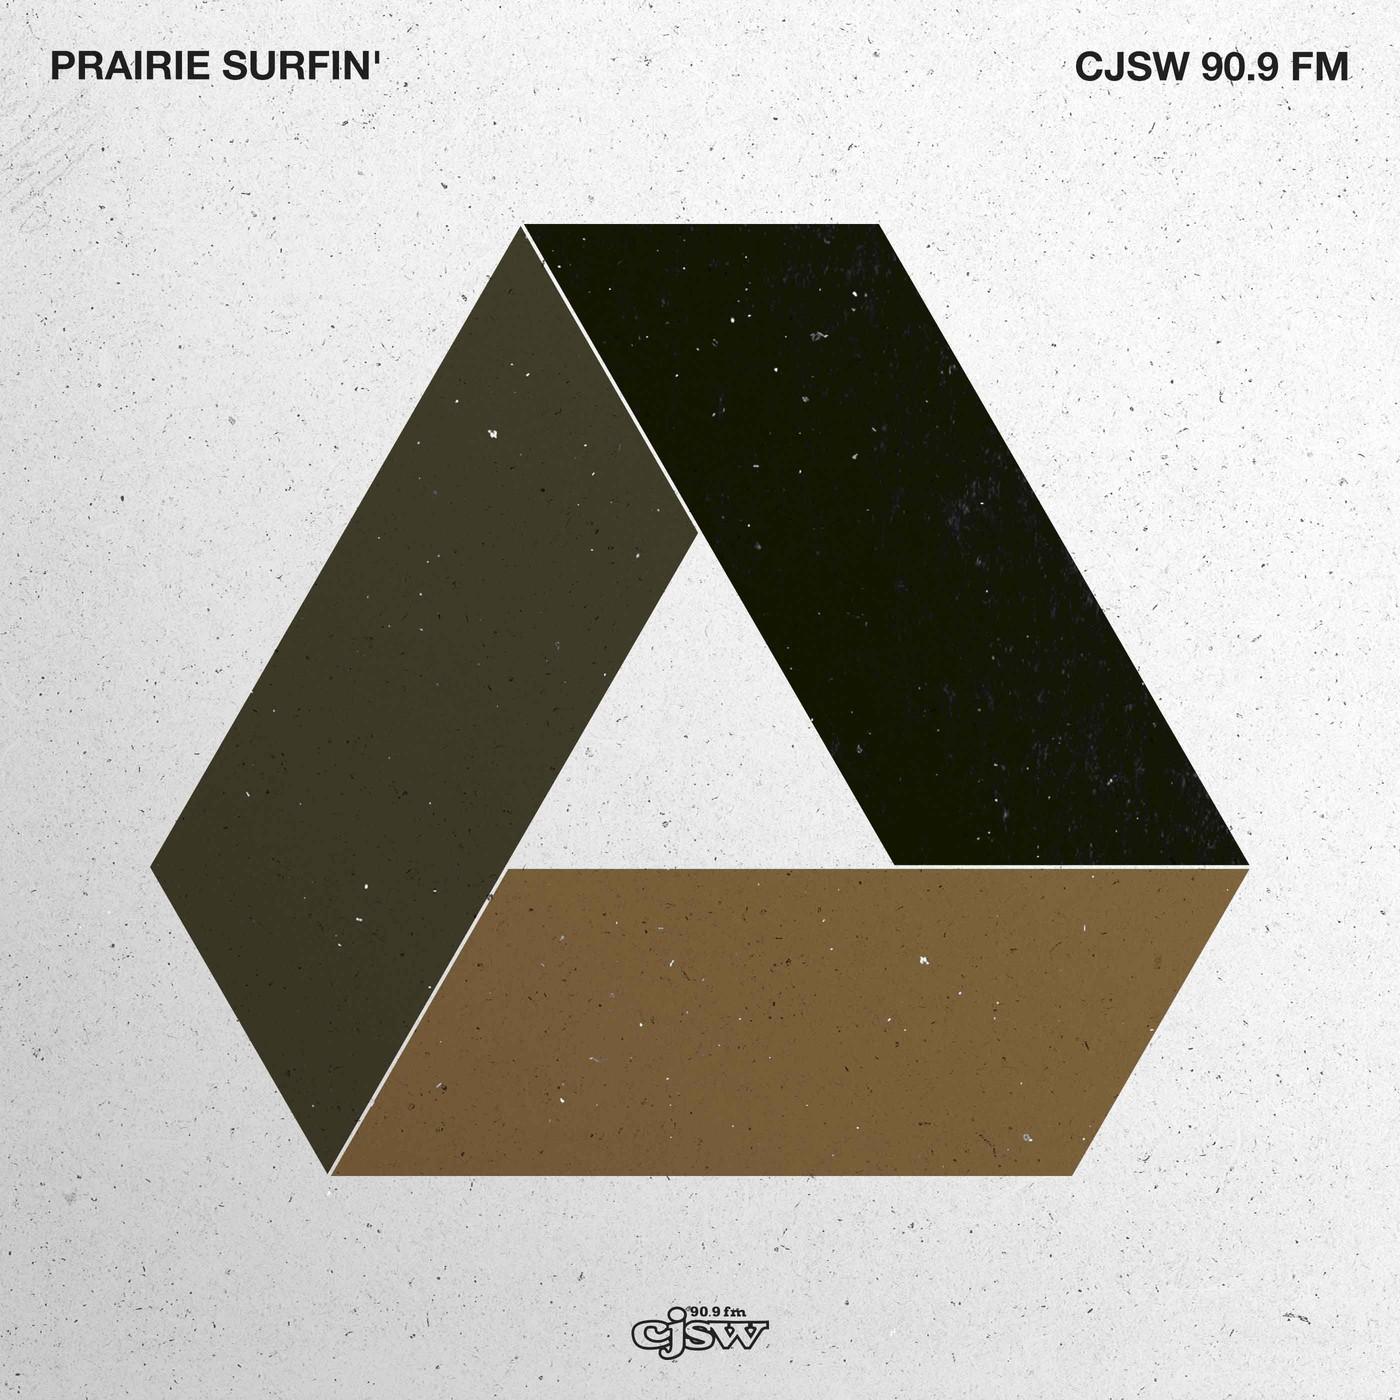 Prairie Surfin' - Episode October 19, 2020